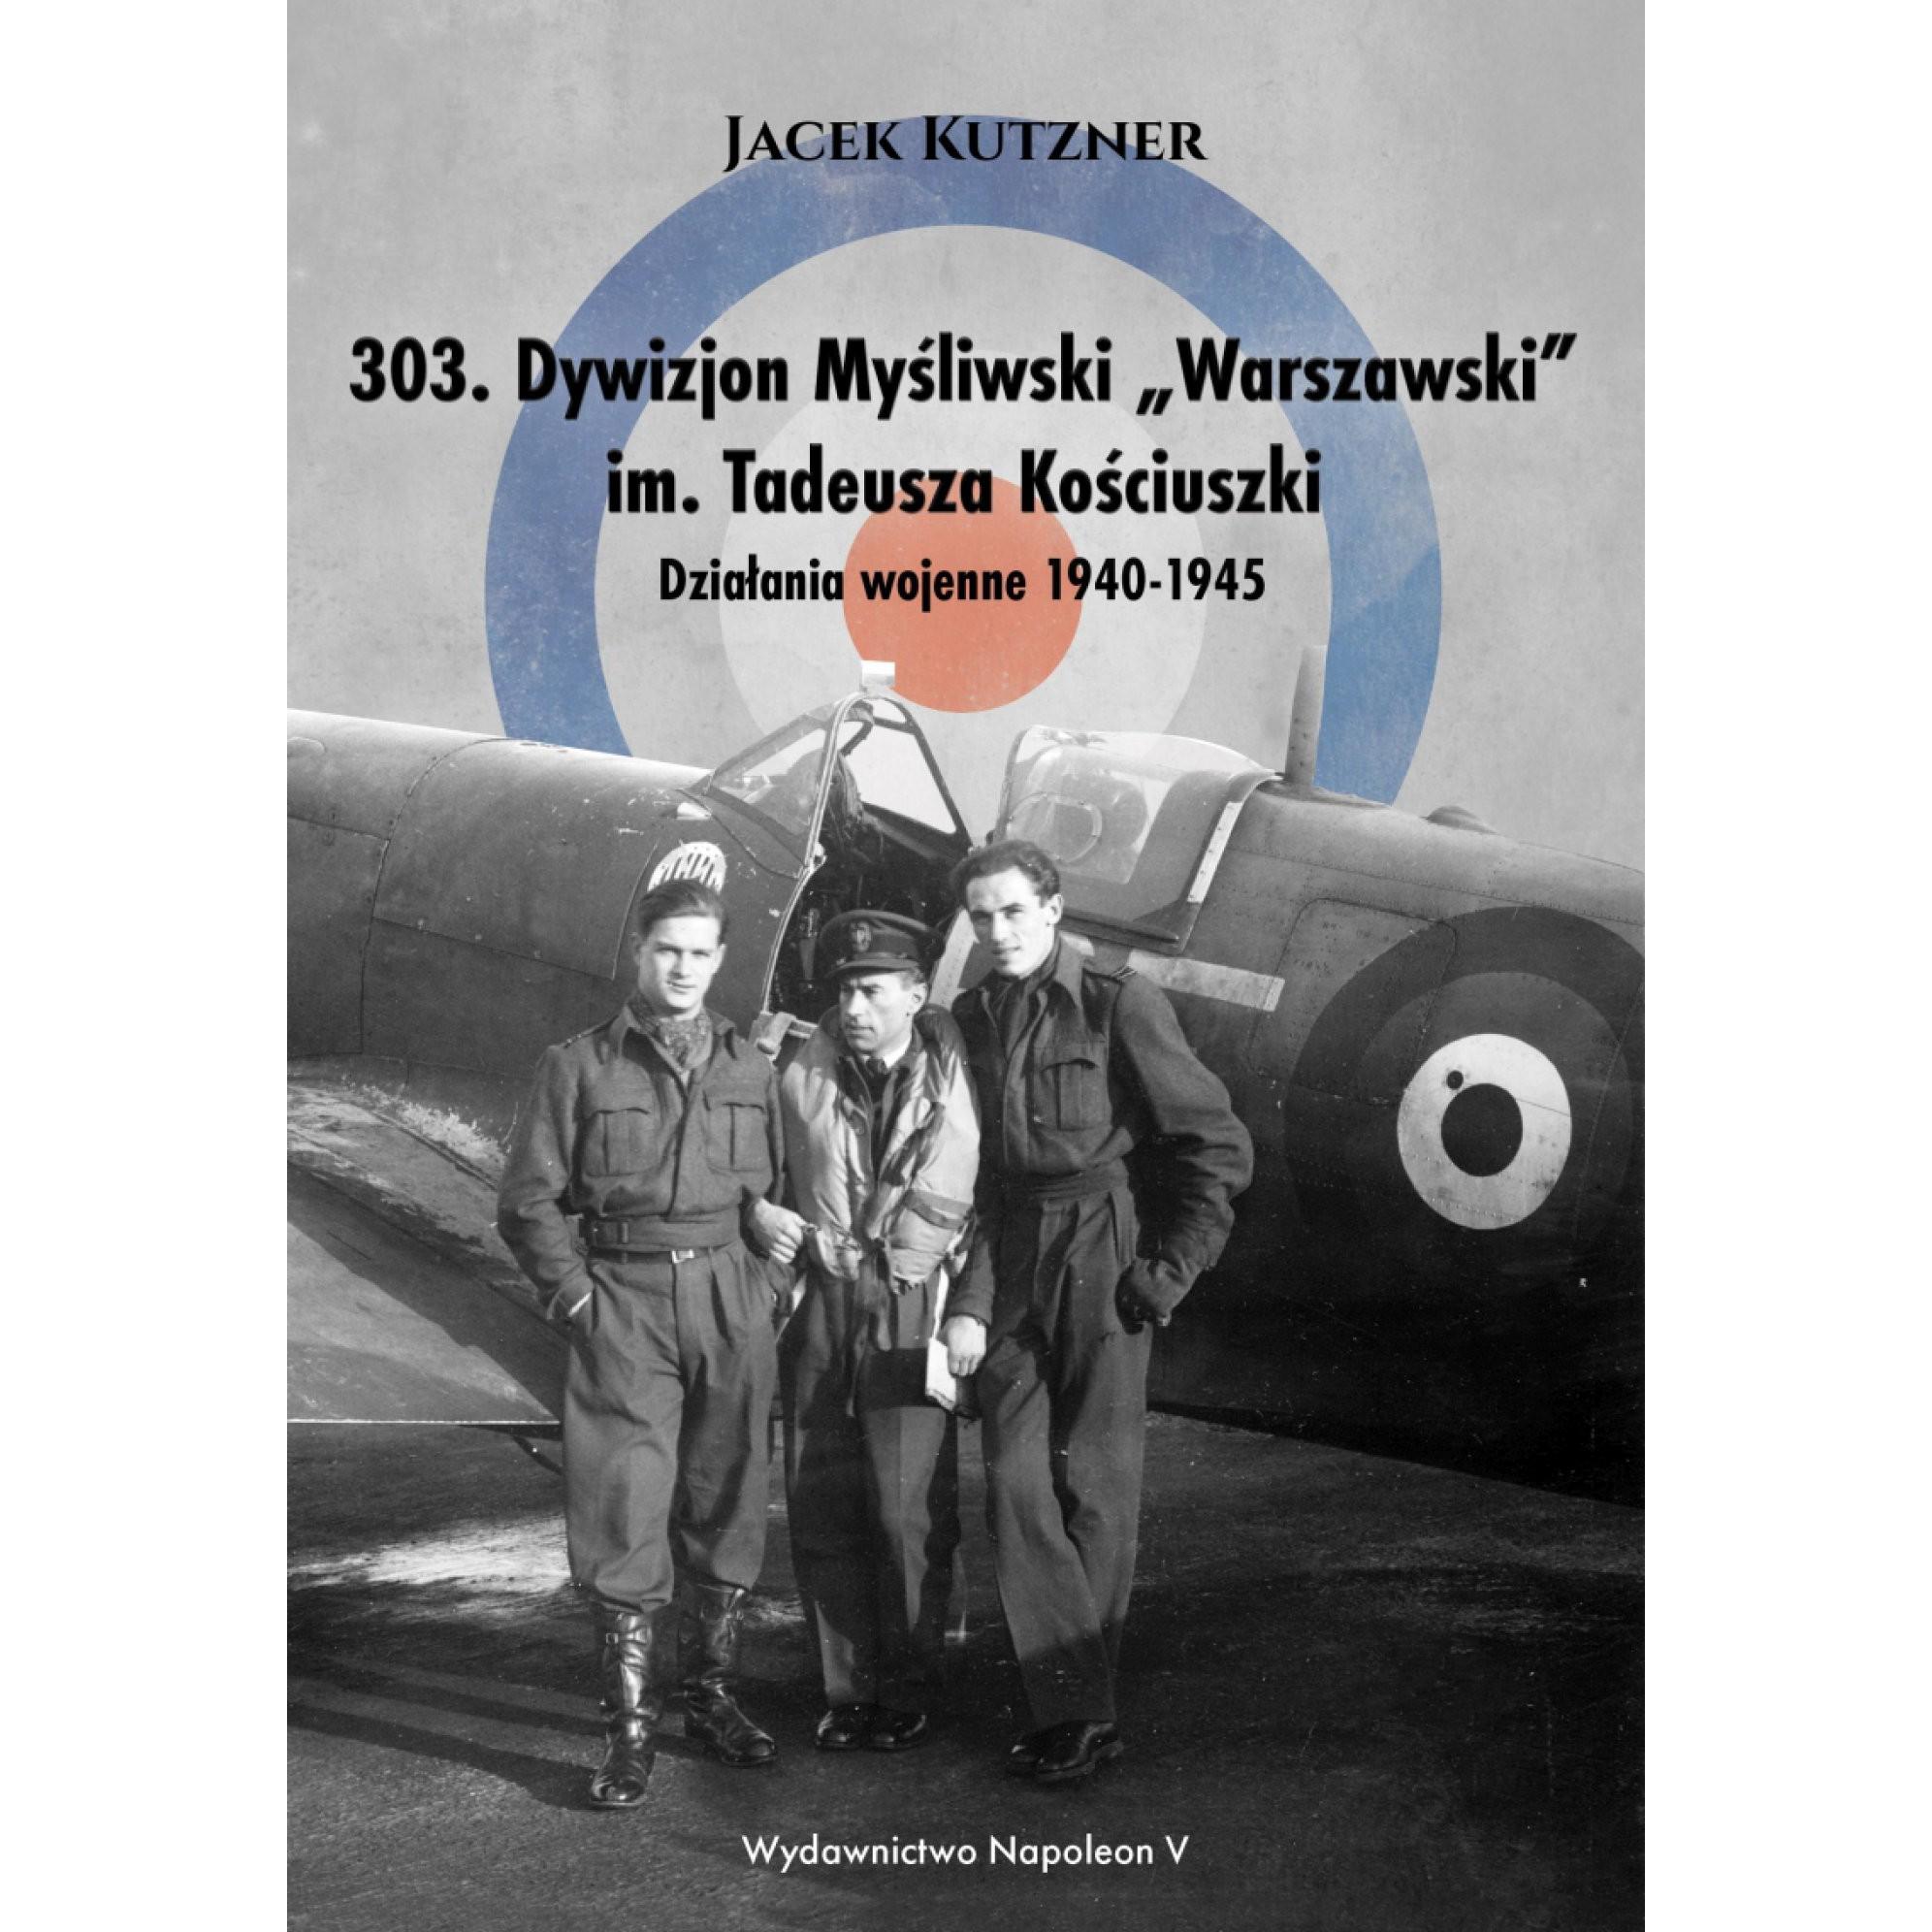 """303. Dywizjon Myśliwski """"Warszawski"""" im. Tadeusza Kościuszki. Działania wojenne 1940-1945"""